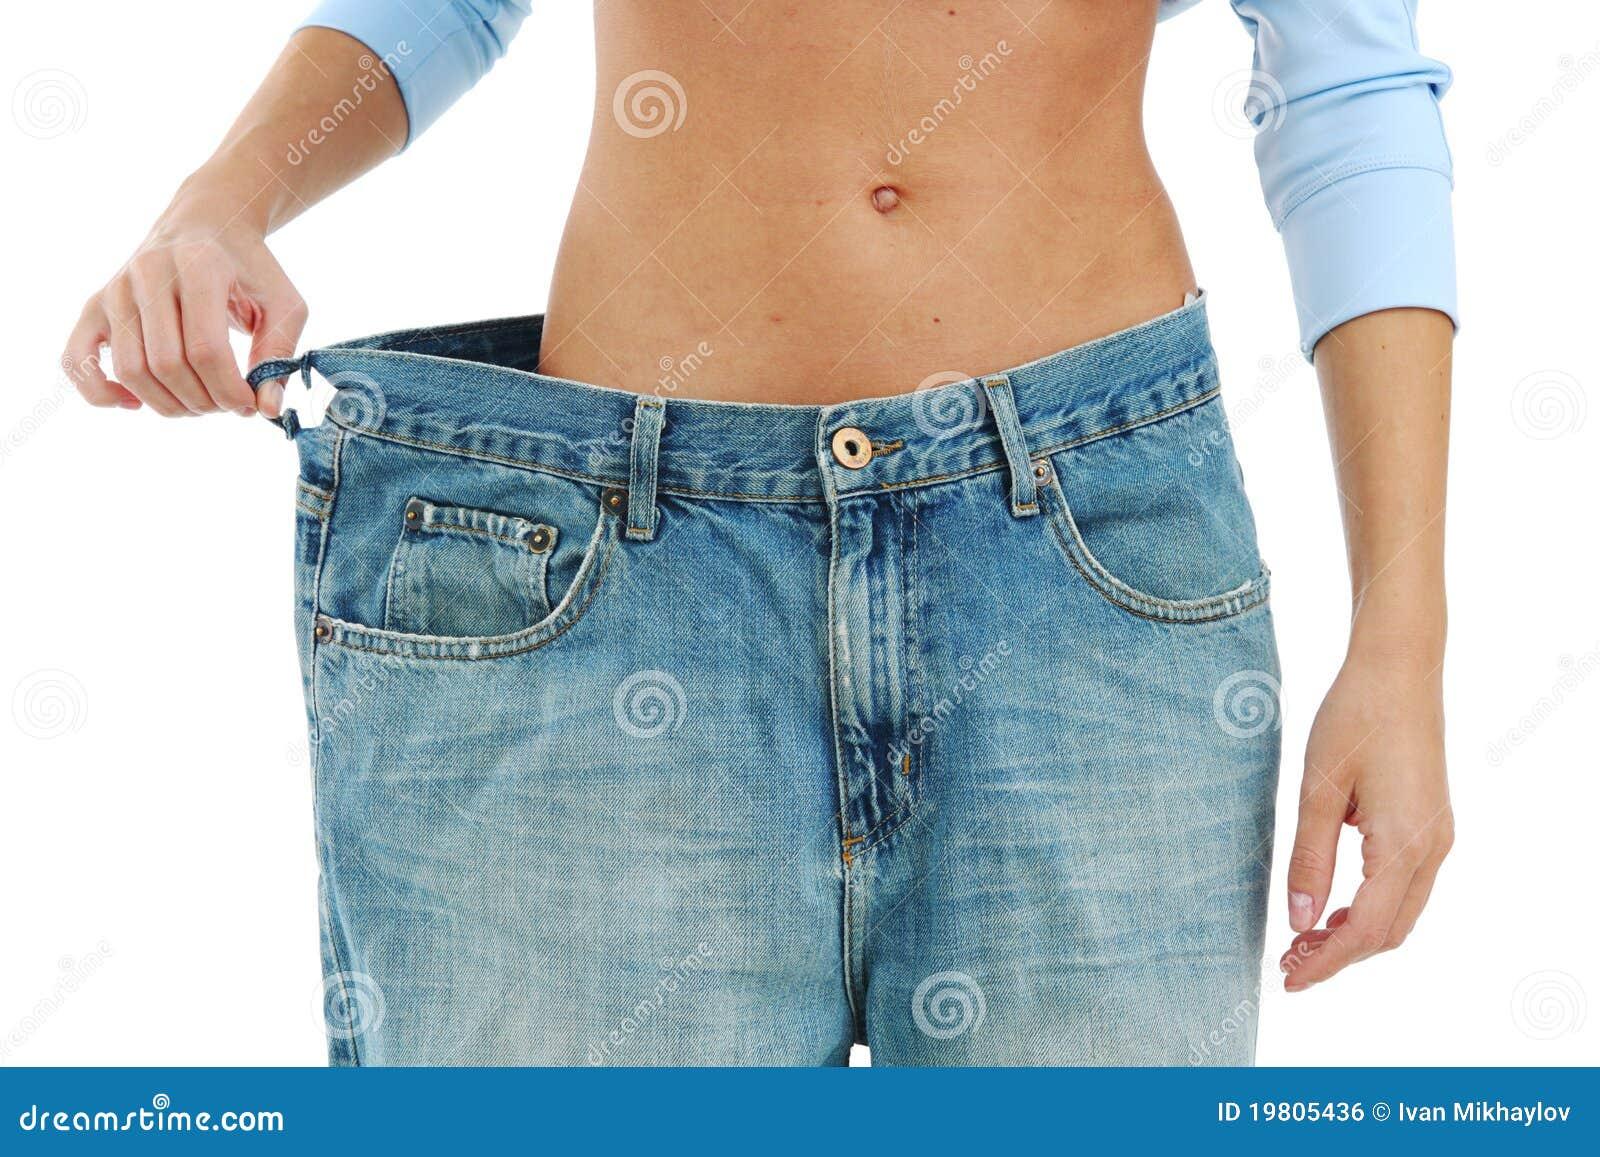 ac5f5175099 Pantalones Vaqueros Grandes Foto de archivo - Imagen de vientre ...